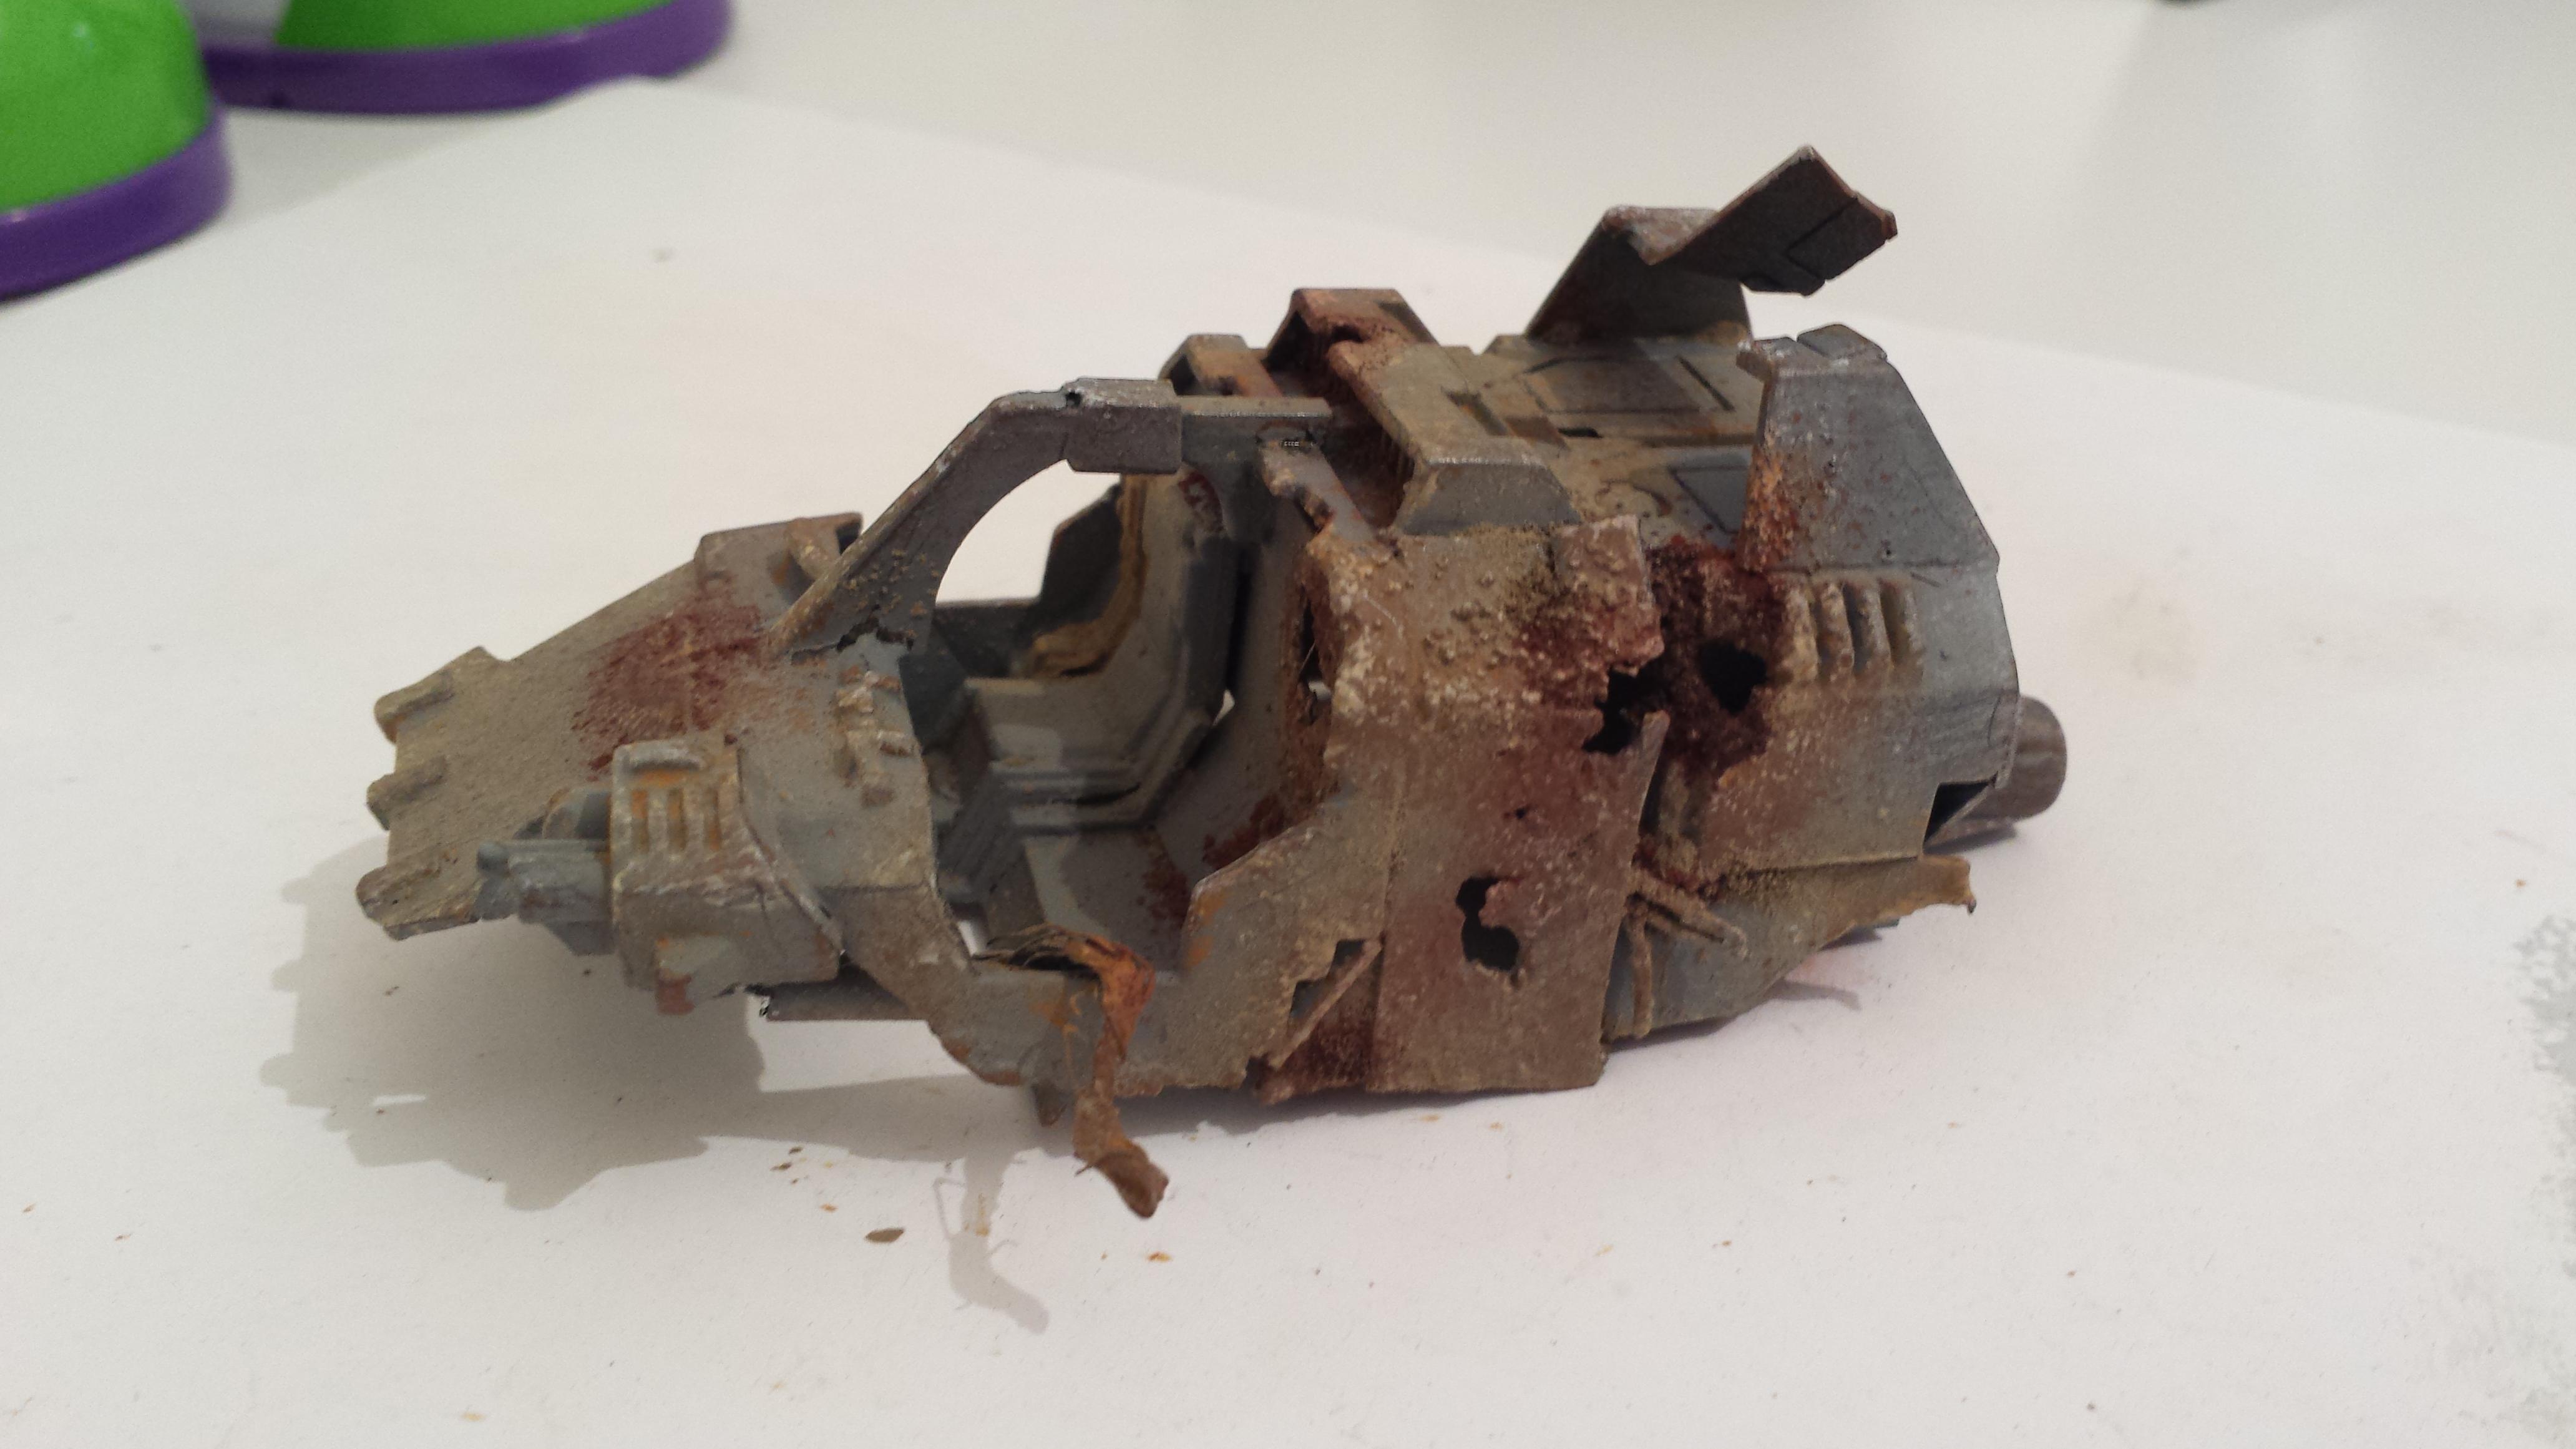 Damage, Land Speeder, Wrecked